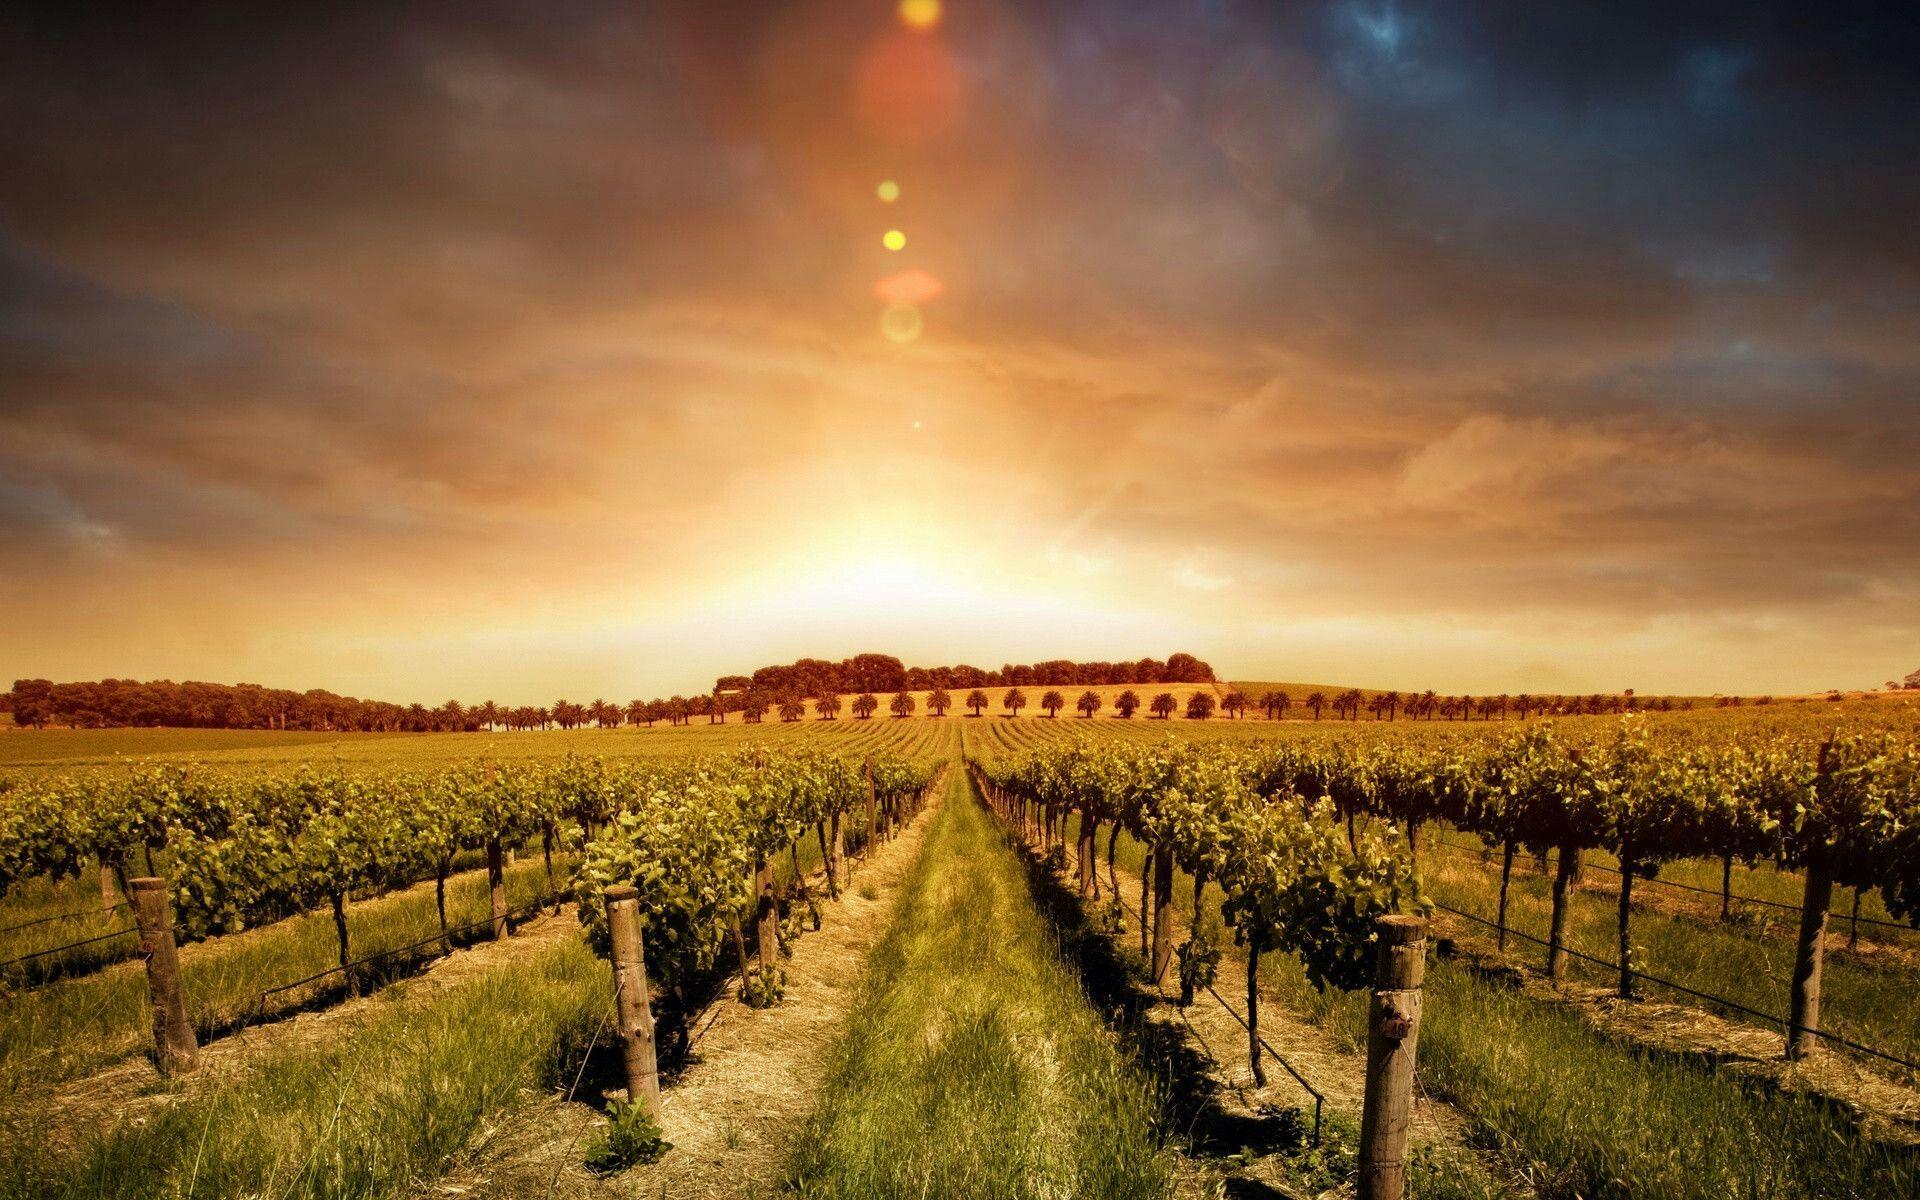 Agricultura Vinhas Vindimas Agriculture Uvas Grape Vinho